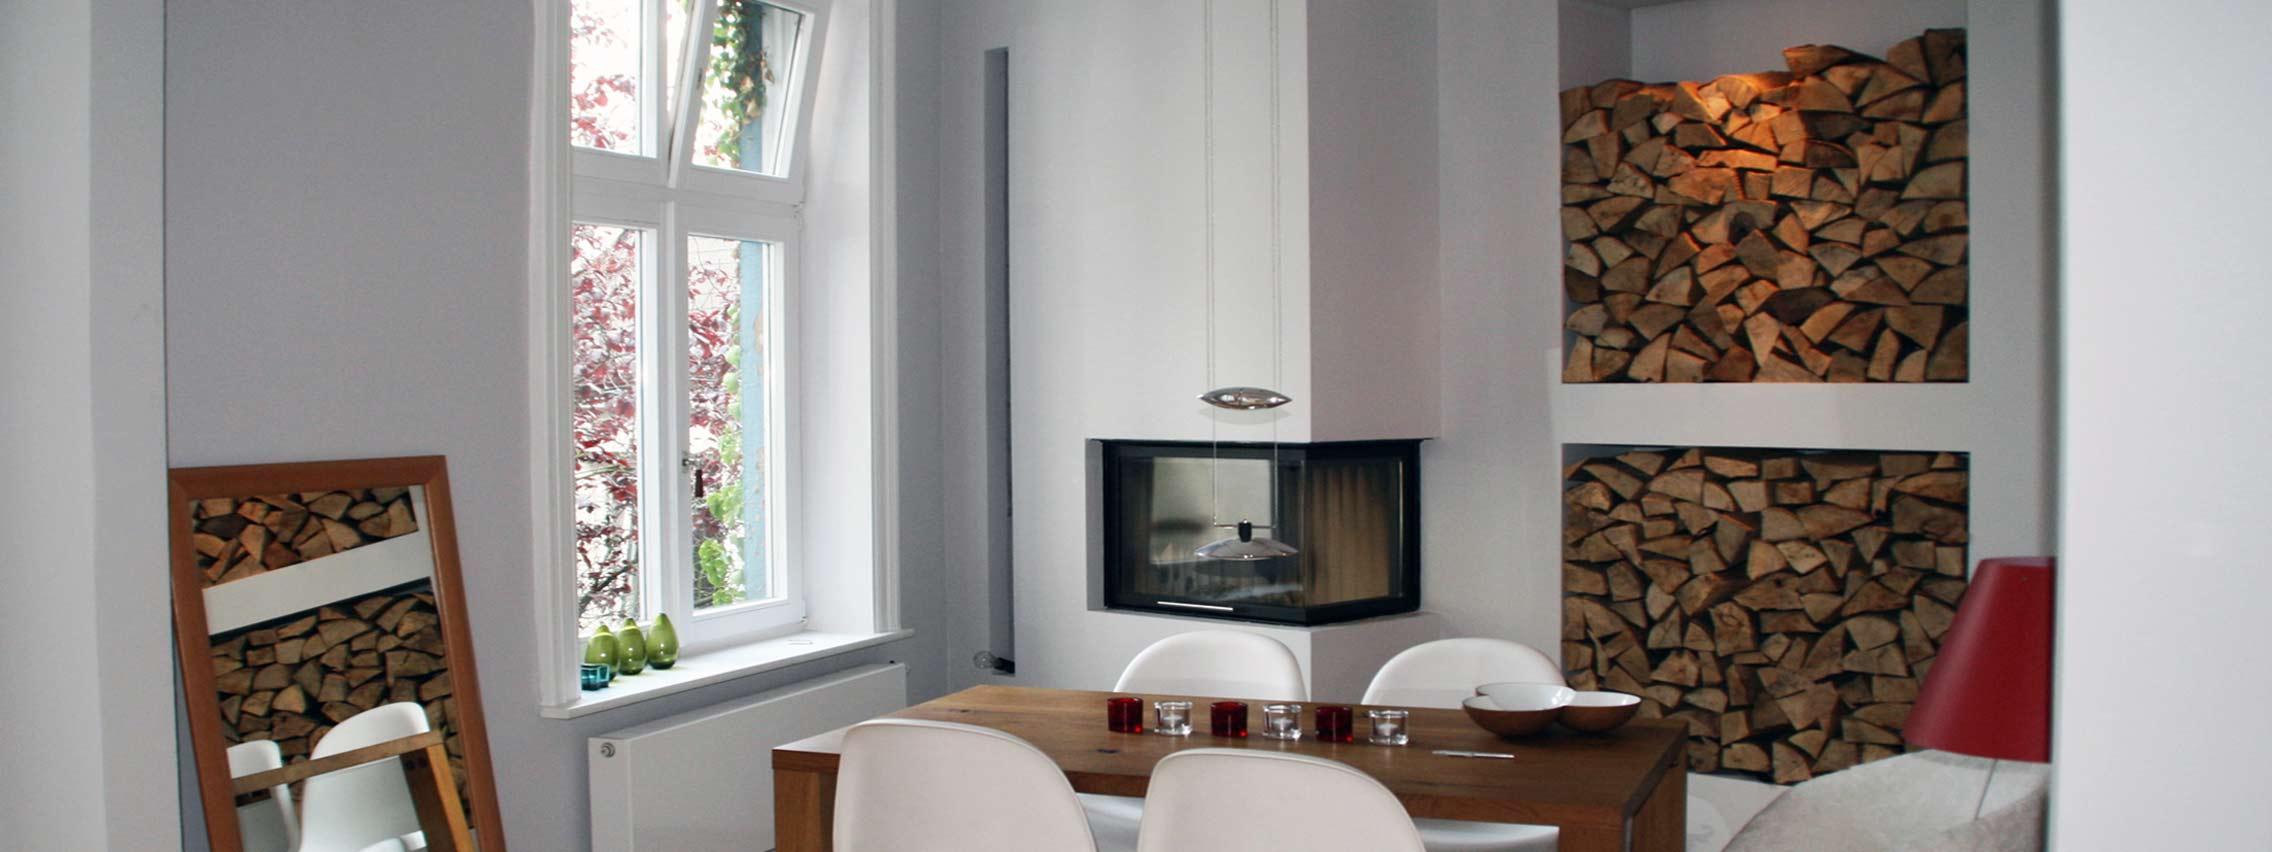 architekturb ro idea architekten innenarchitektur. Black Bedroom Furniture Sets. Home Design Ideas